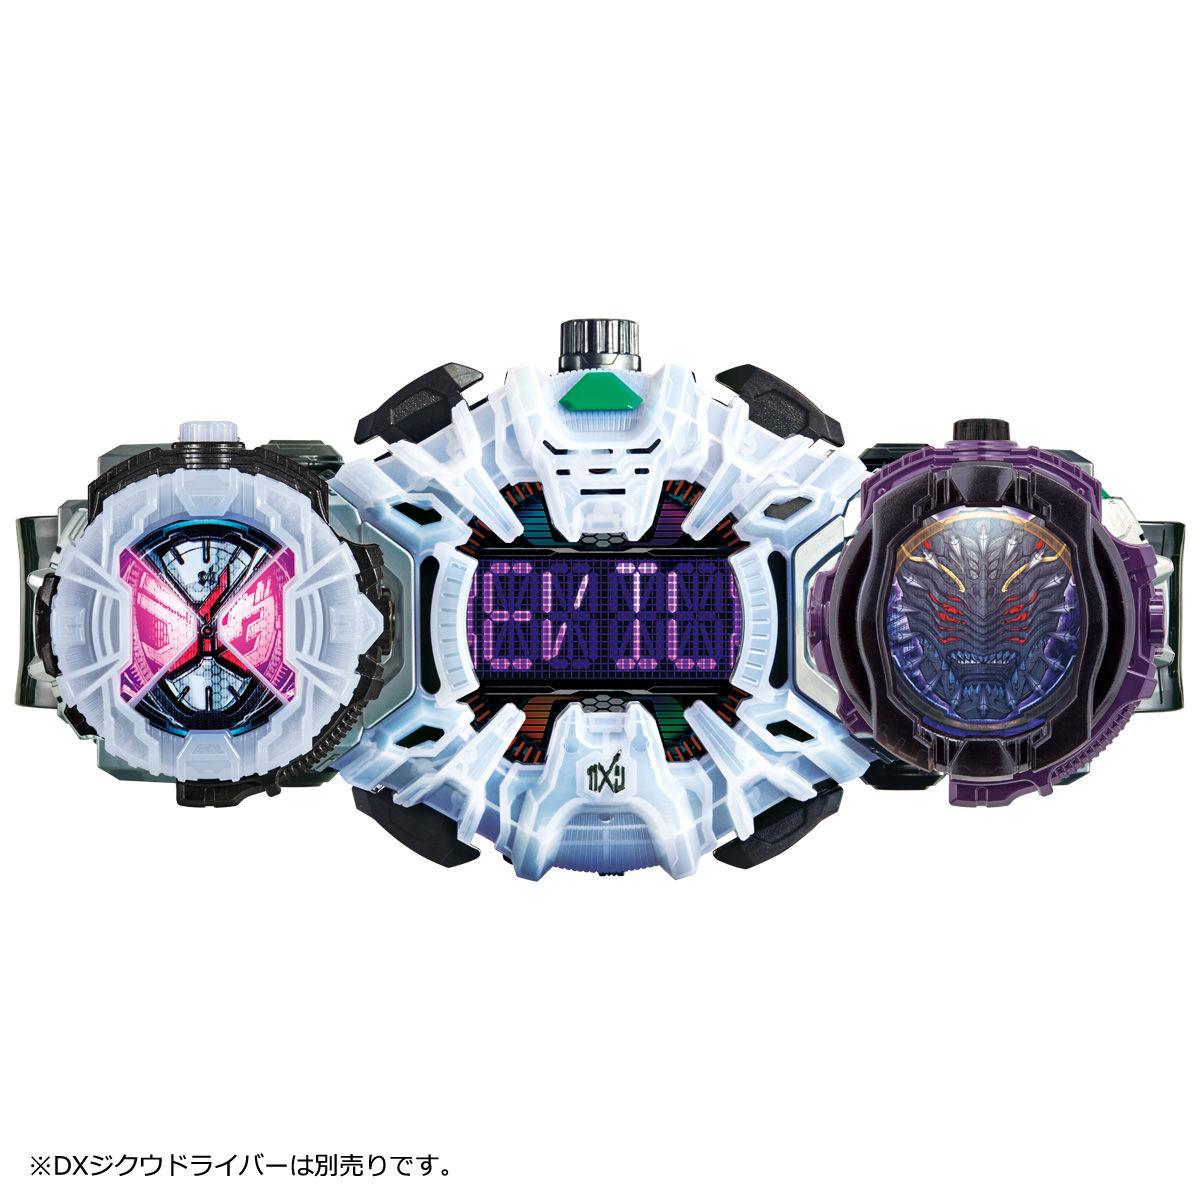 仮面ライダージオウ『DXミラーワールドウォッチセット』変身なりきり-010